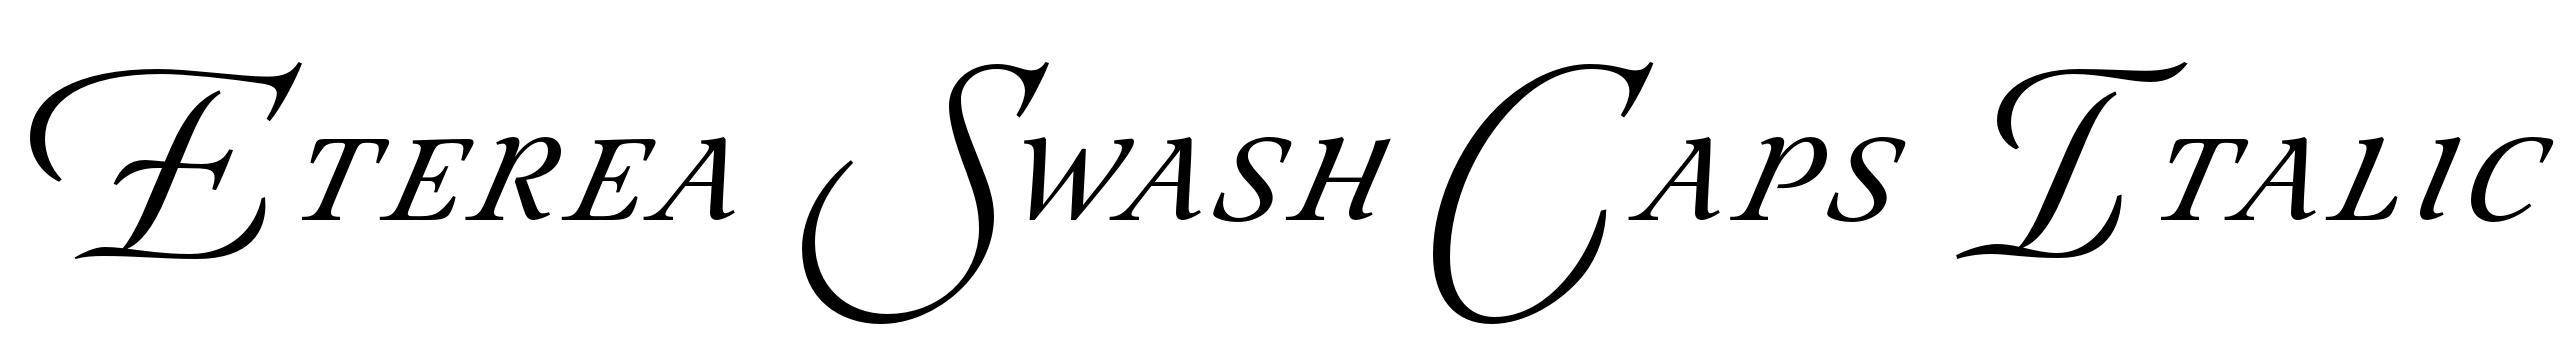 Eterea Swash Caps Italic